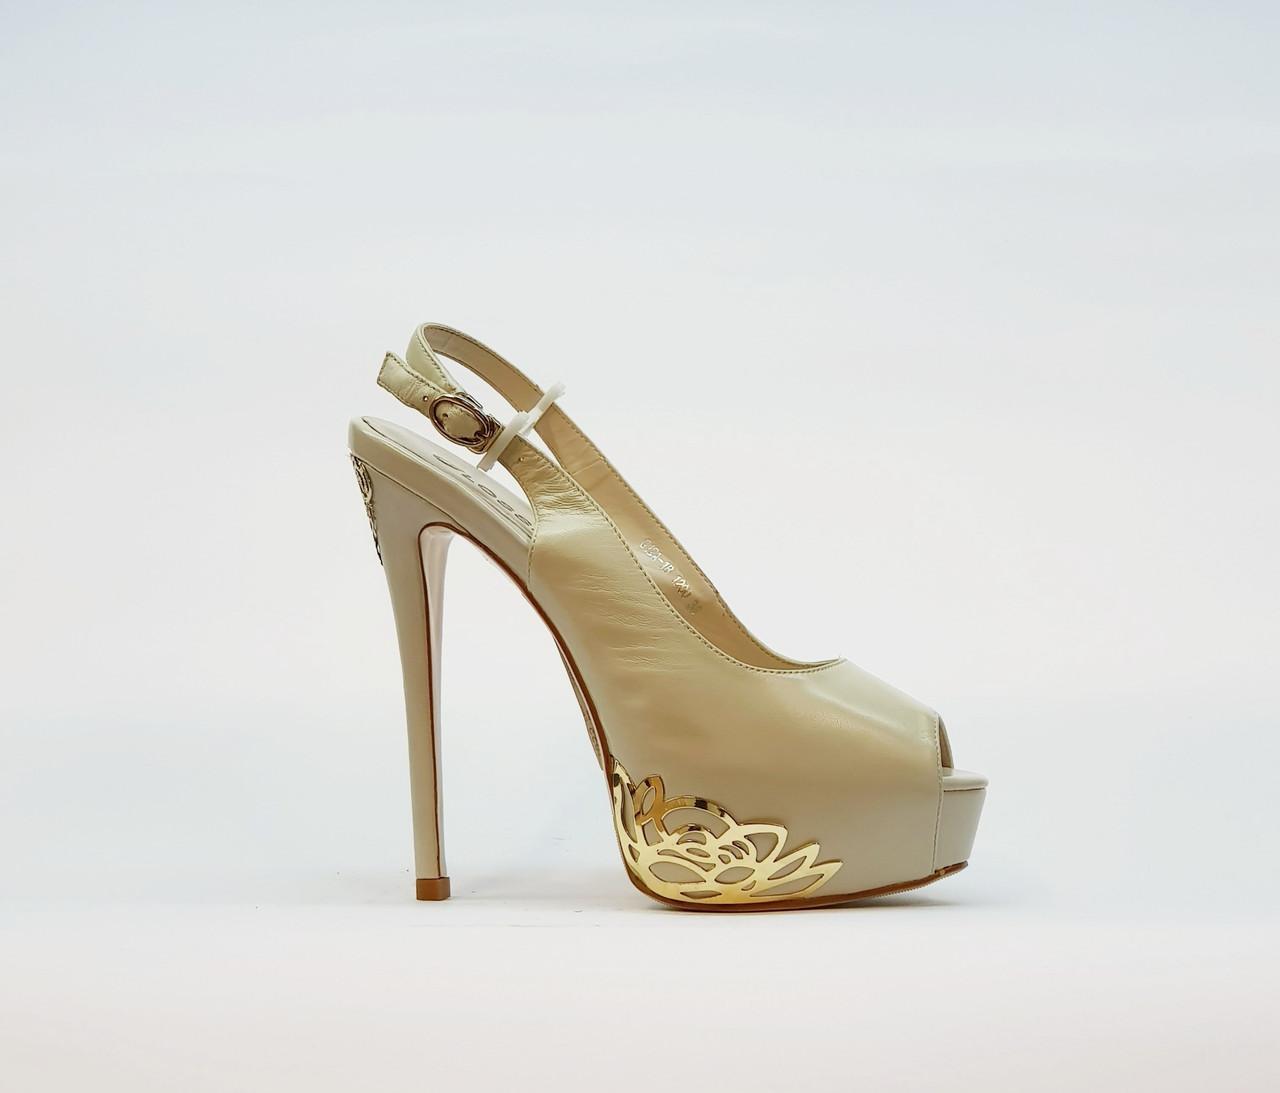 Босоножки женские бежевые из натуральной кожи на высоком каблуке шпилька и платформе 38